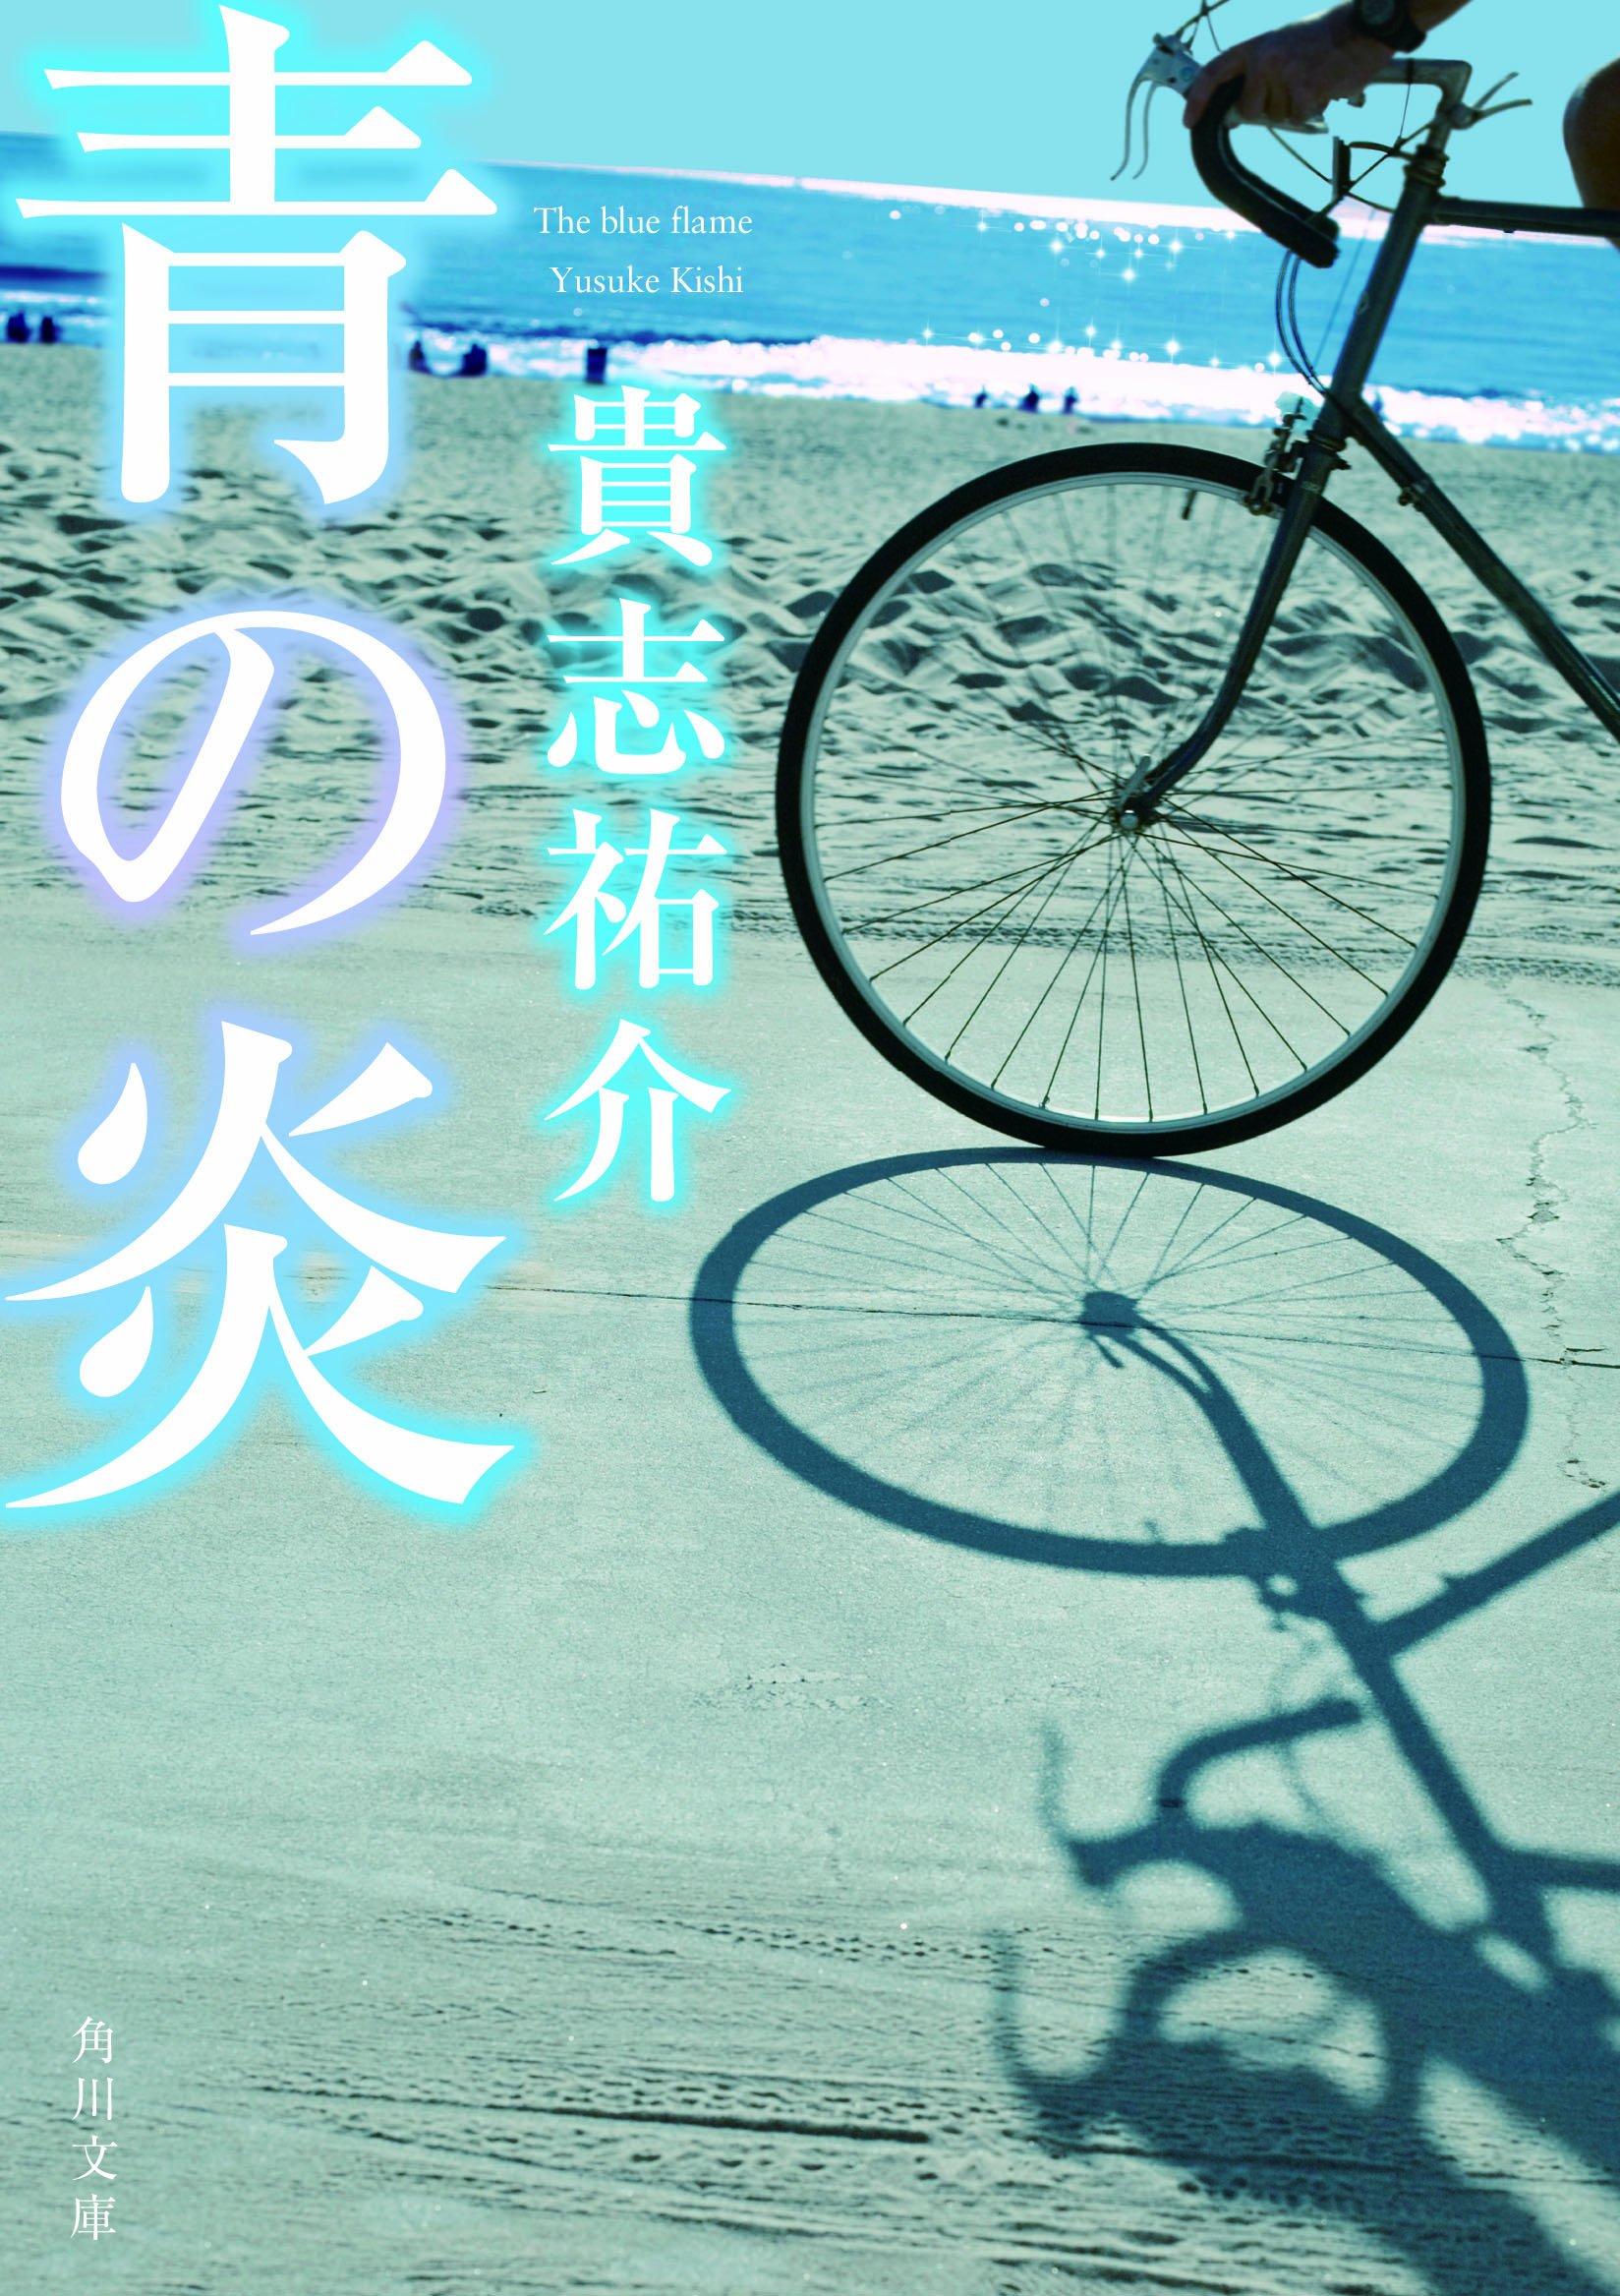 『悲しくも切ない17歳の完全犯罪』【青の炎 レビュー&感想】